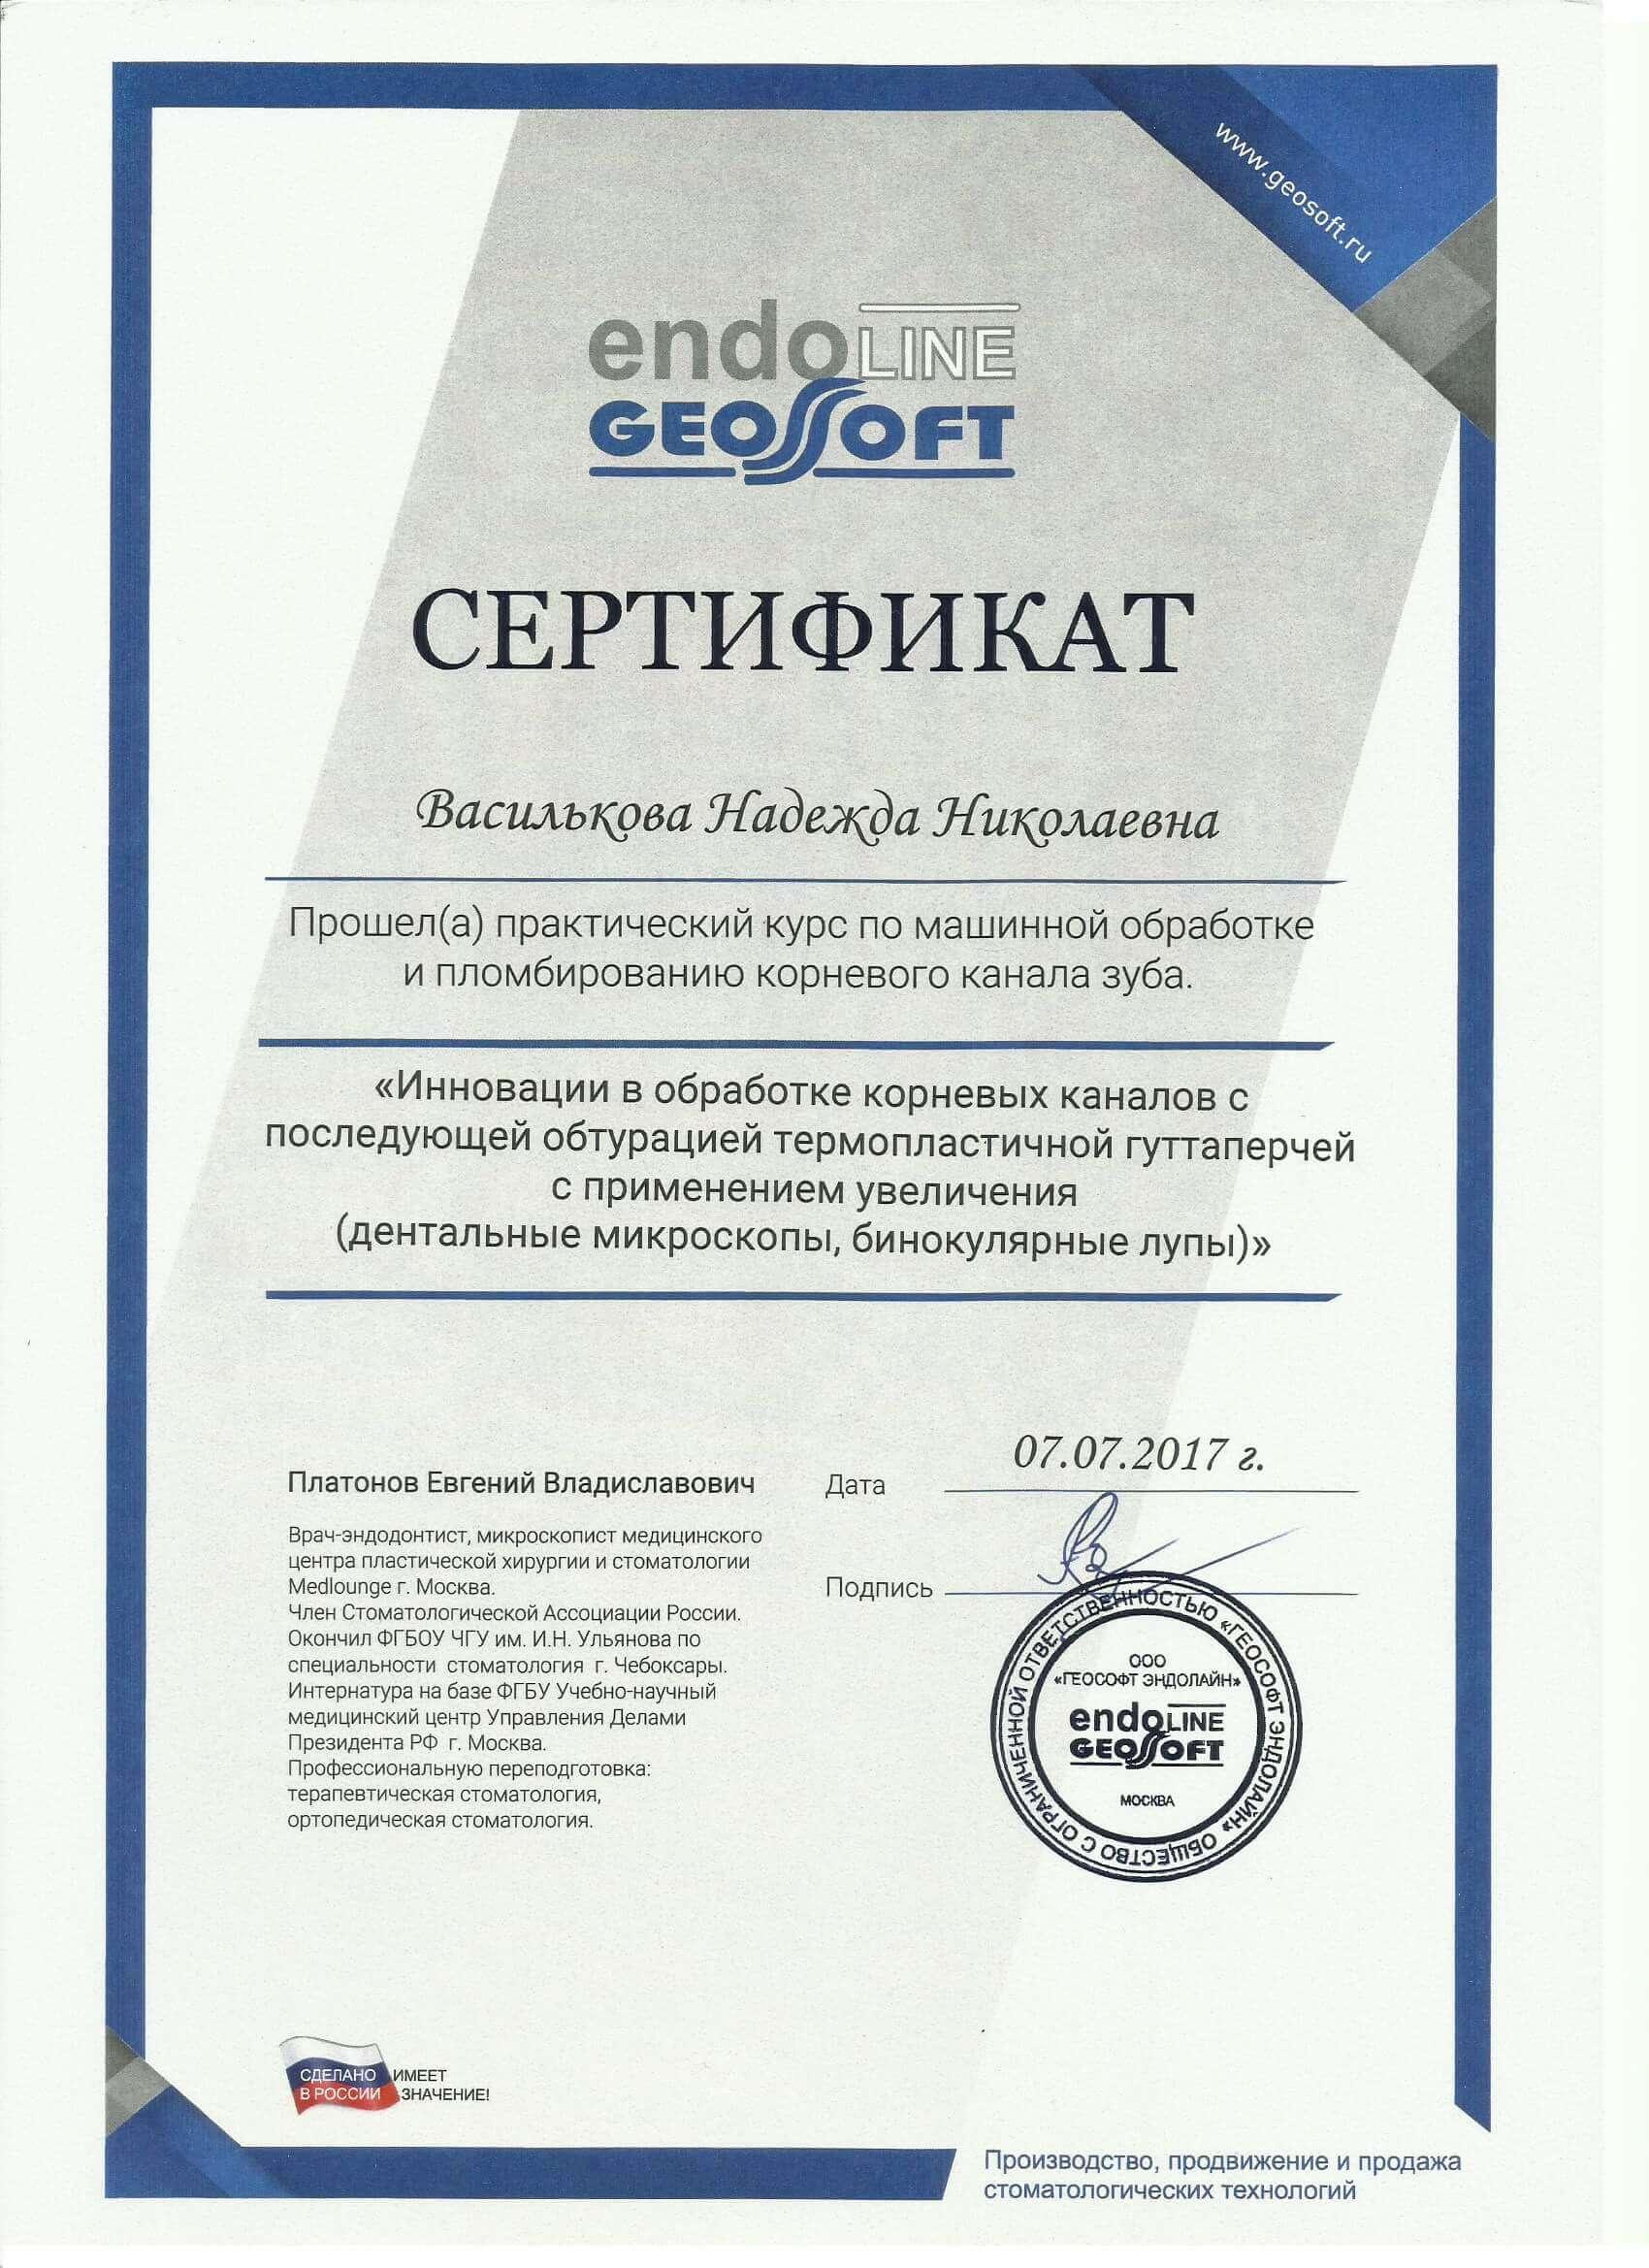 Сертификат от 07.07.2017